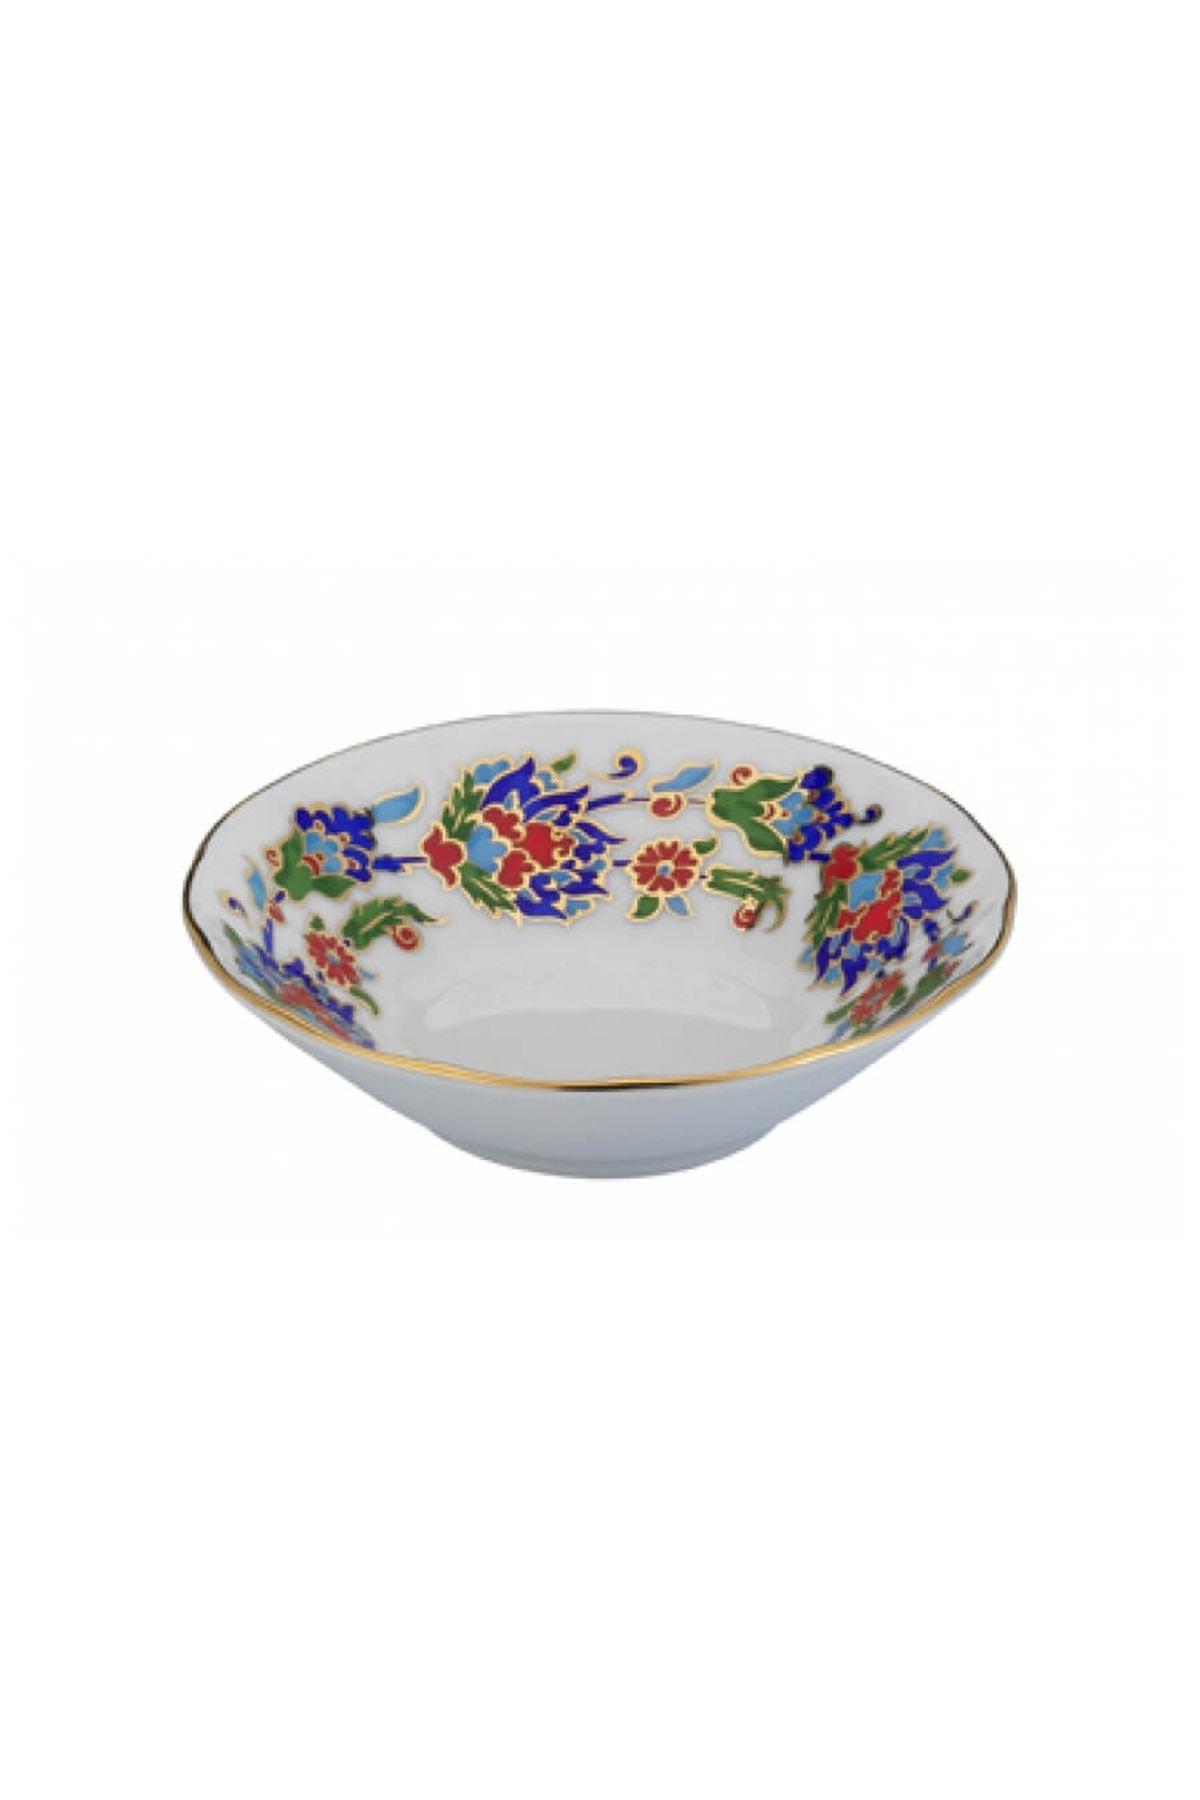 KÜTAHYA PORSELEN - Kütahya Porselen Acem El Yapımı Çay Tabağı 458 Desen